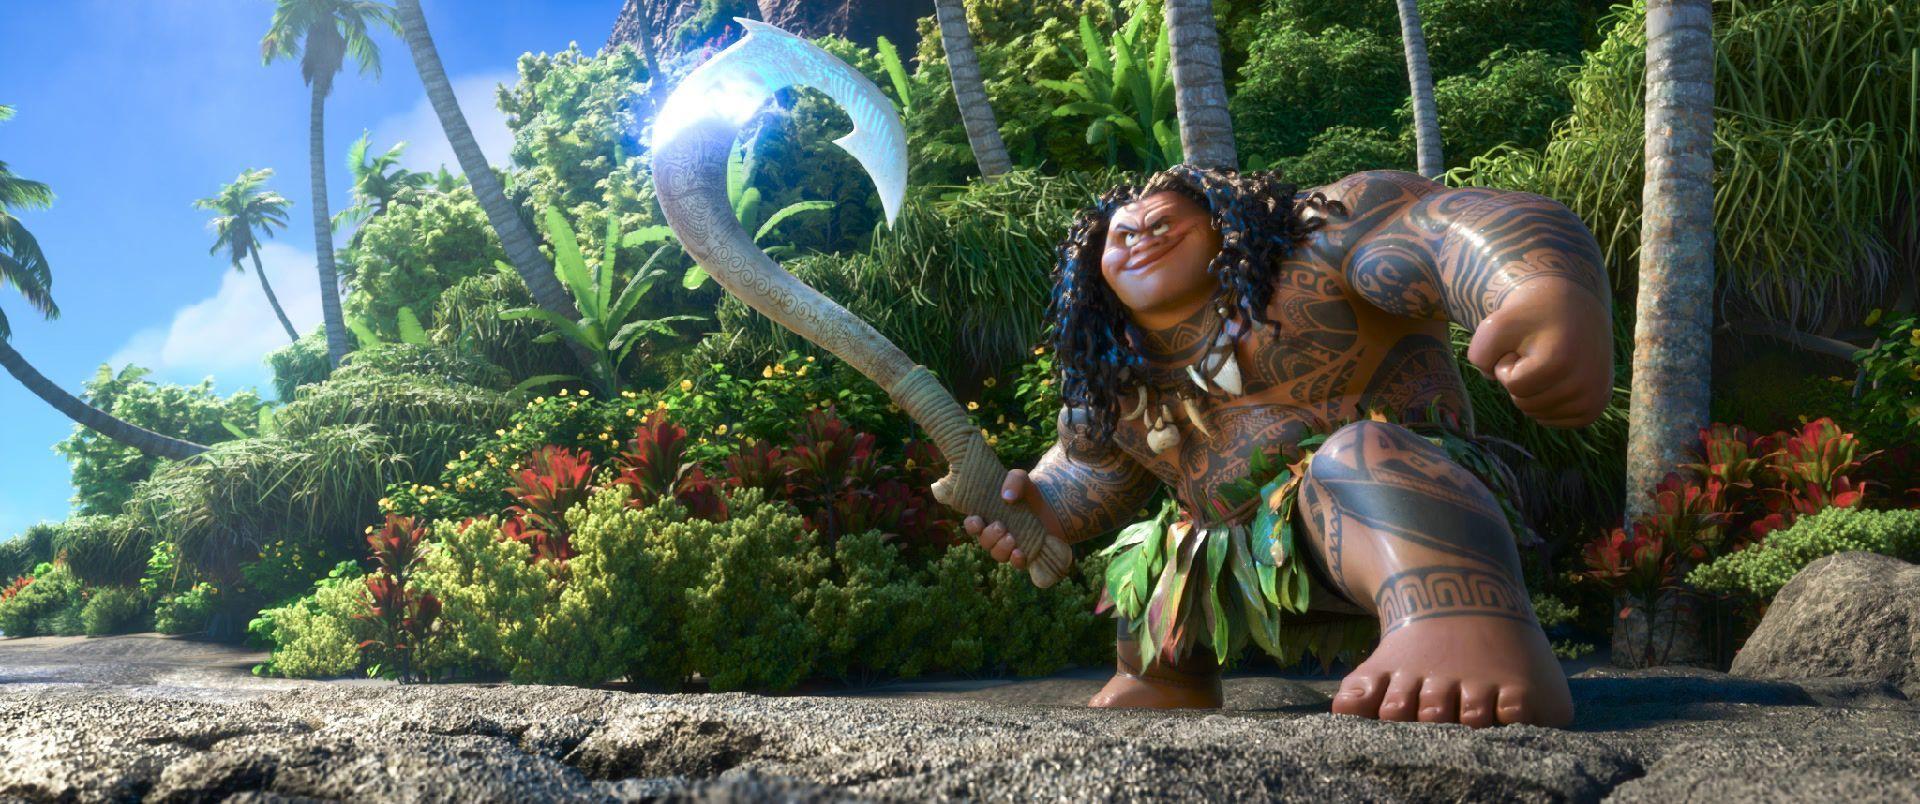 Maui Oceania